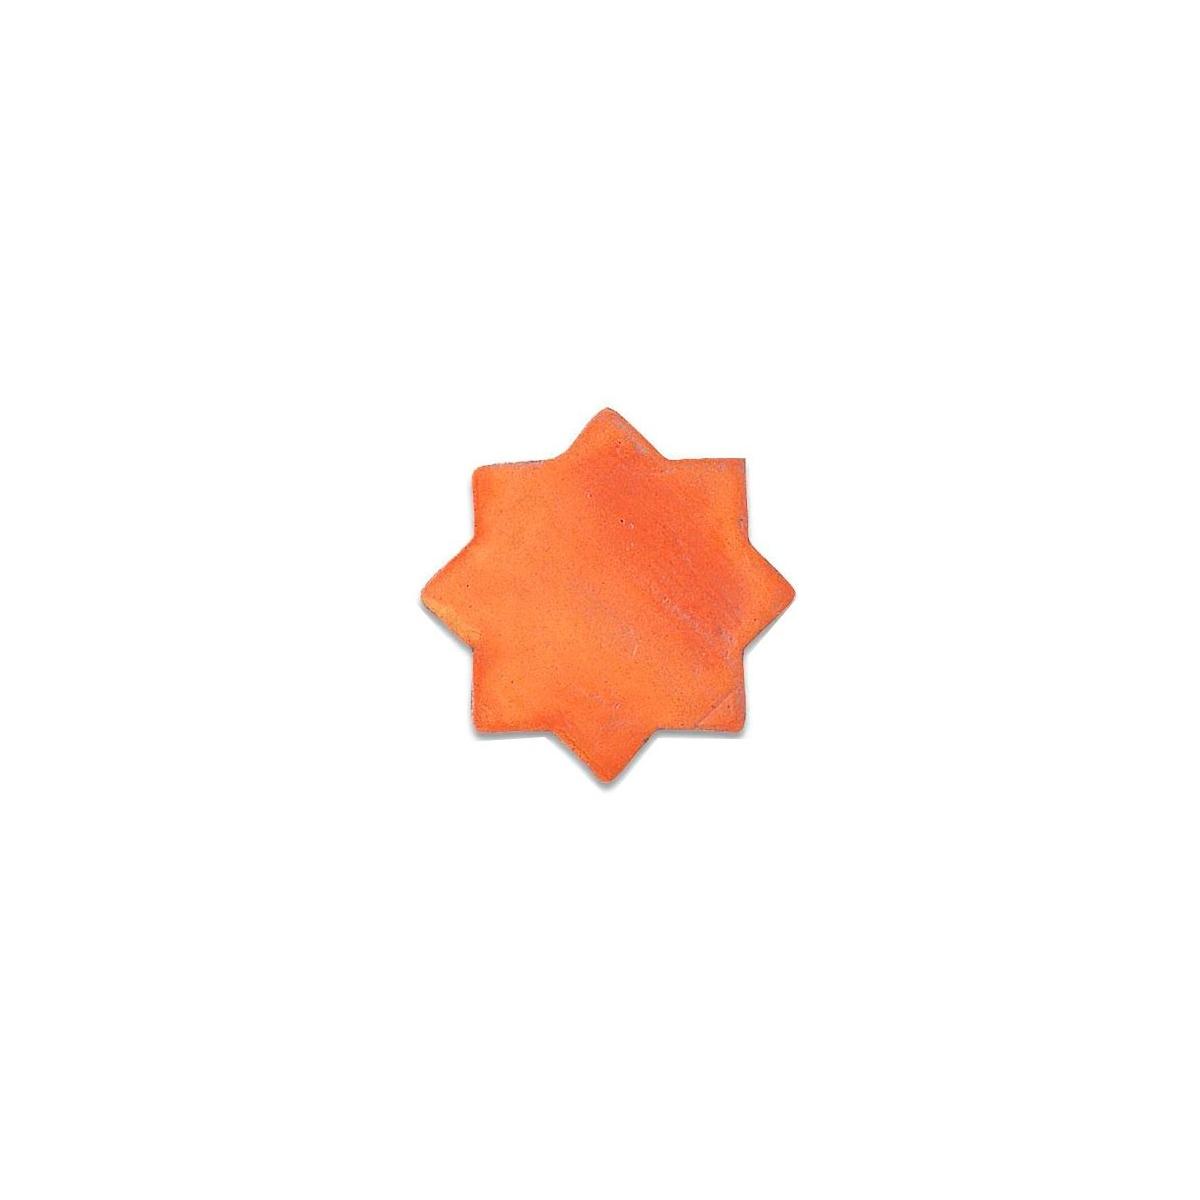 Estrellas de barro - Pavimento con Barro Terracota - Marca Anticfang